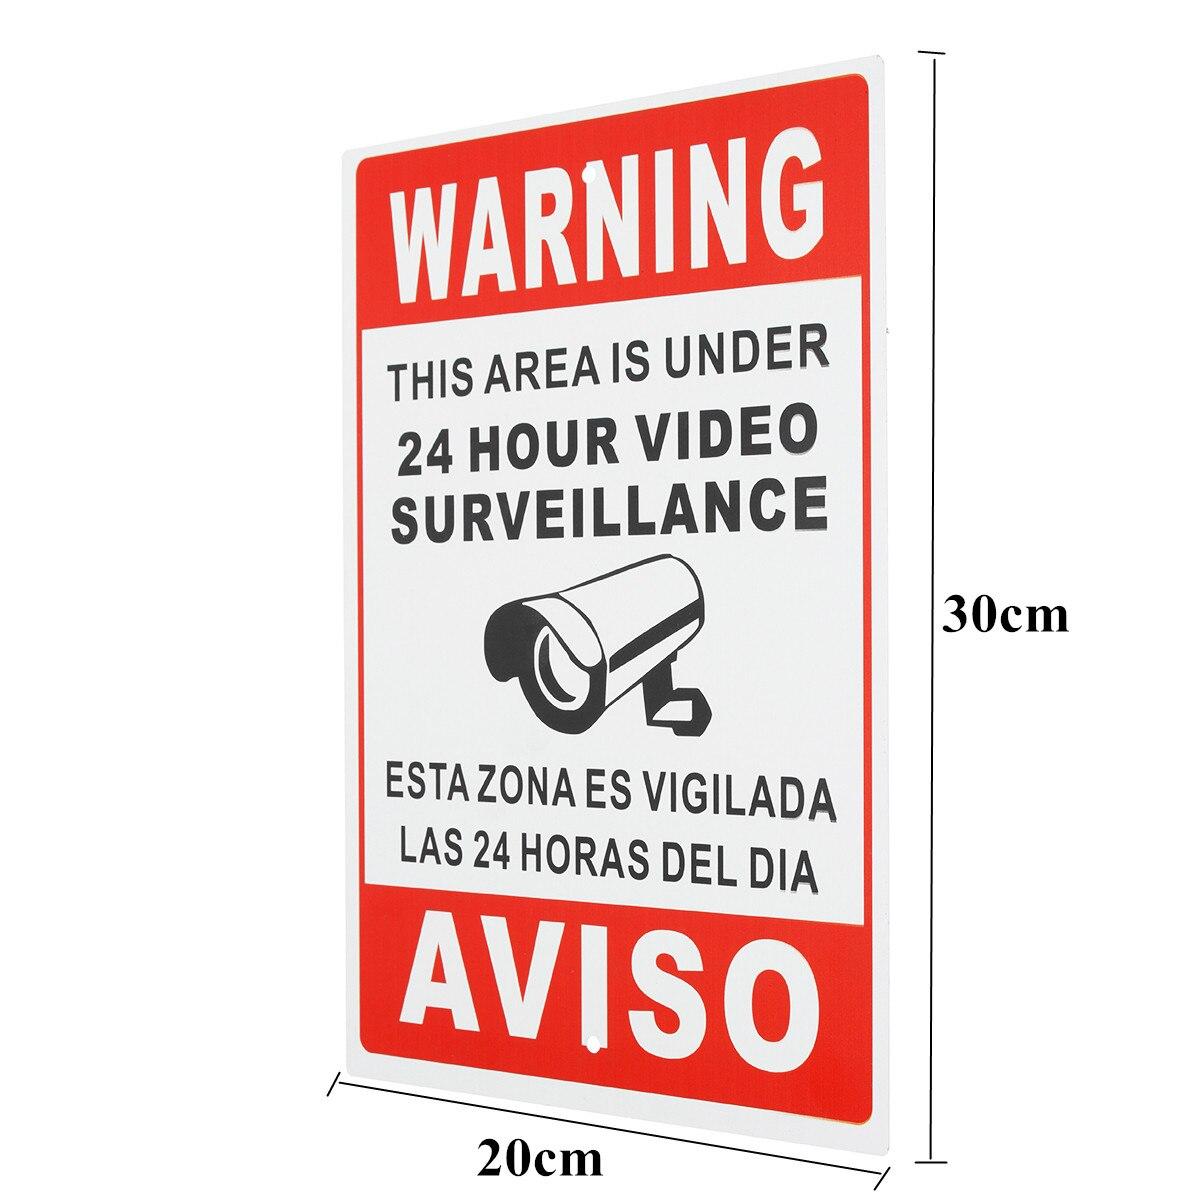 1 шт. 20X30 см из металла 24 часа видео наблюдения безопасности Предупреждение знак CCTV Камера знак